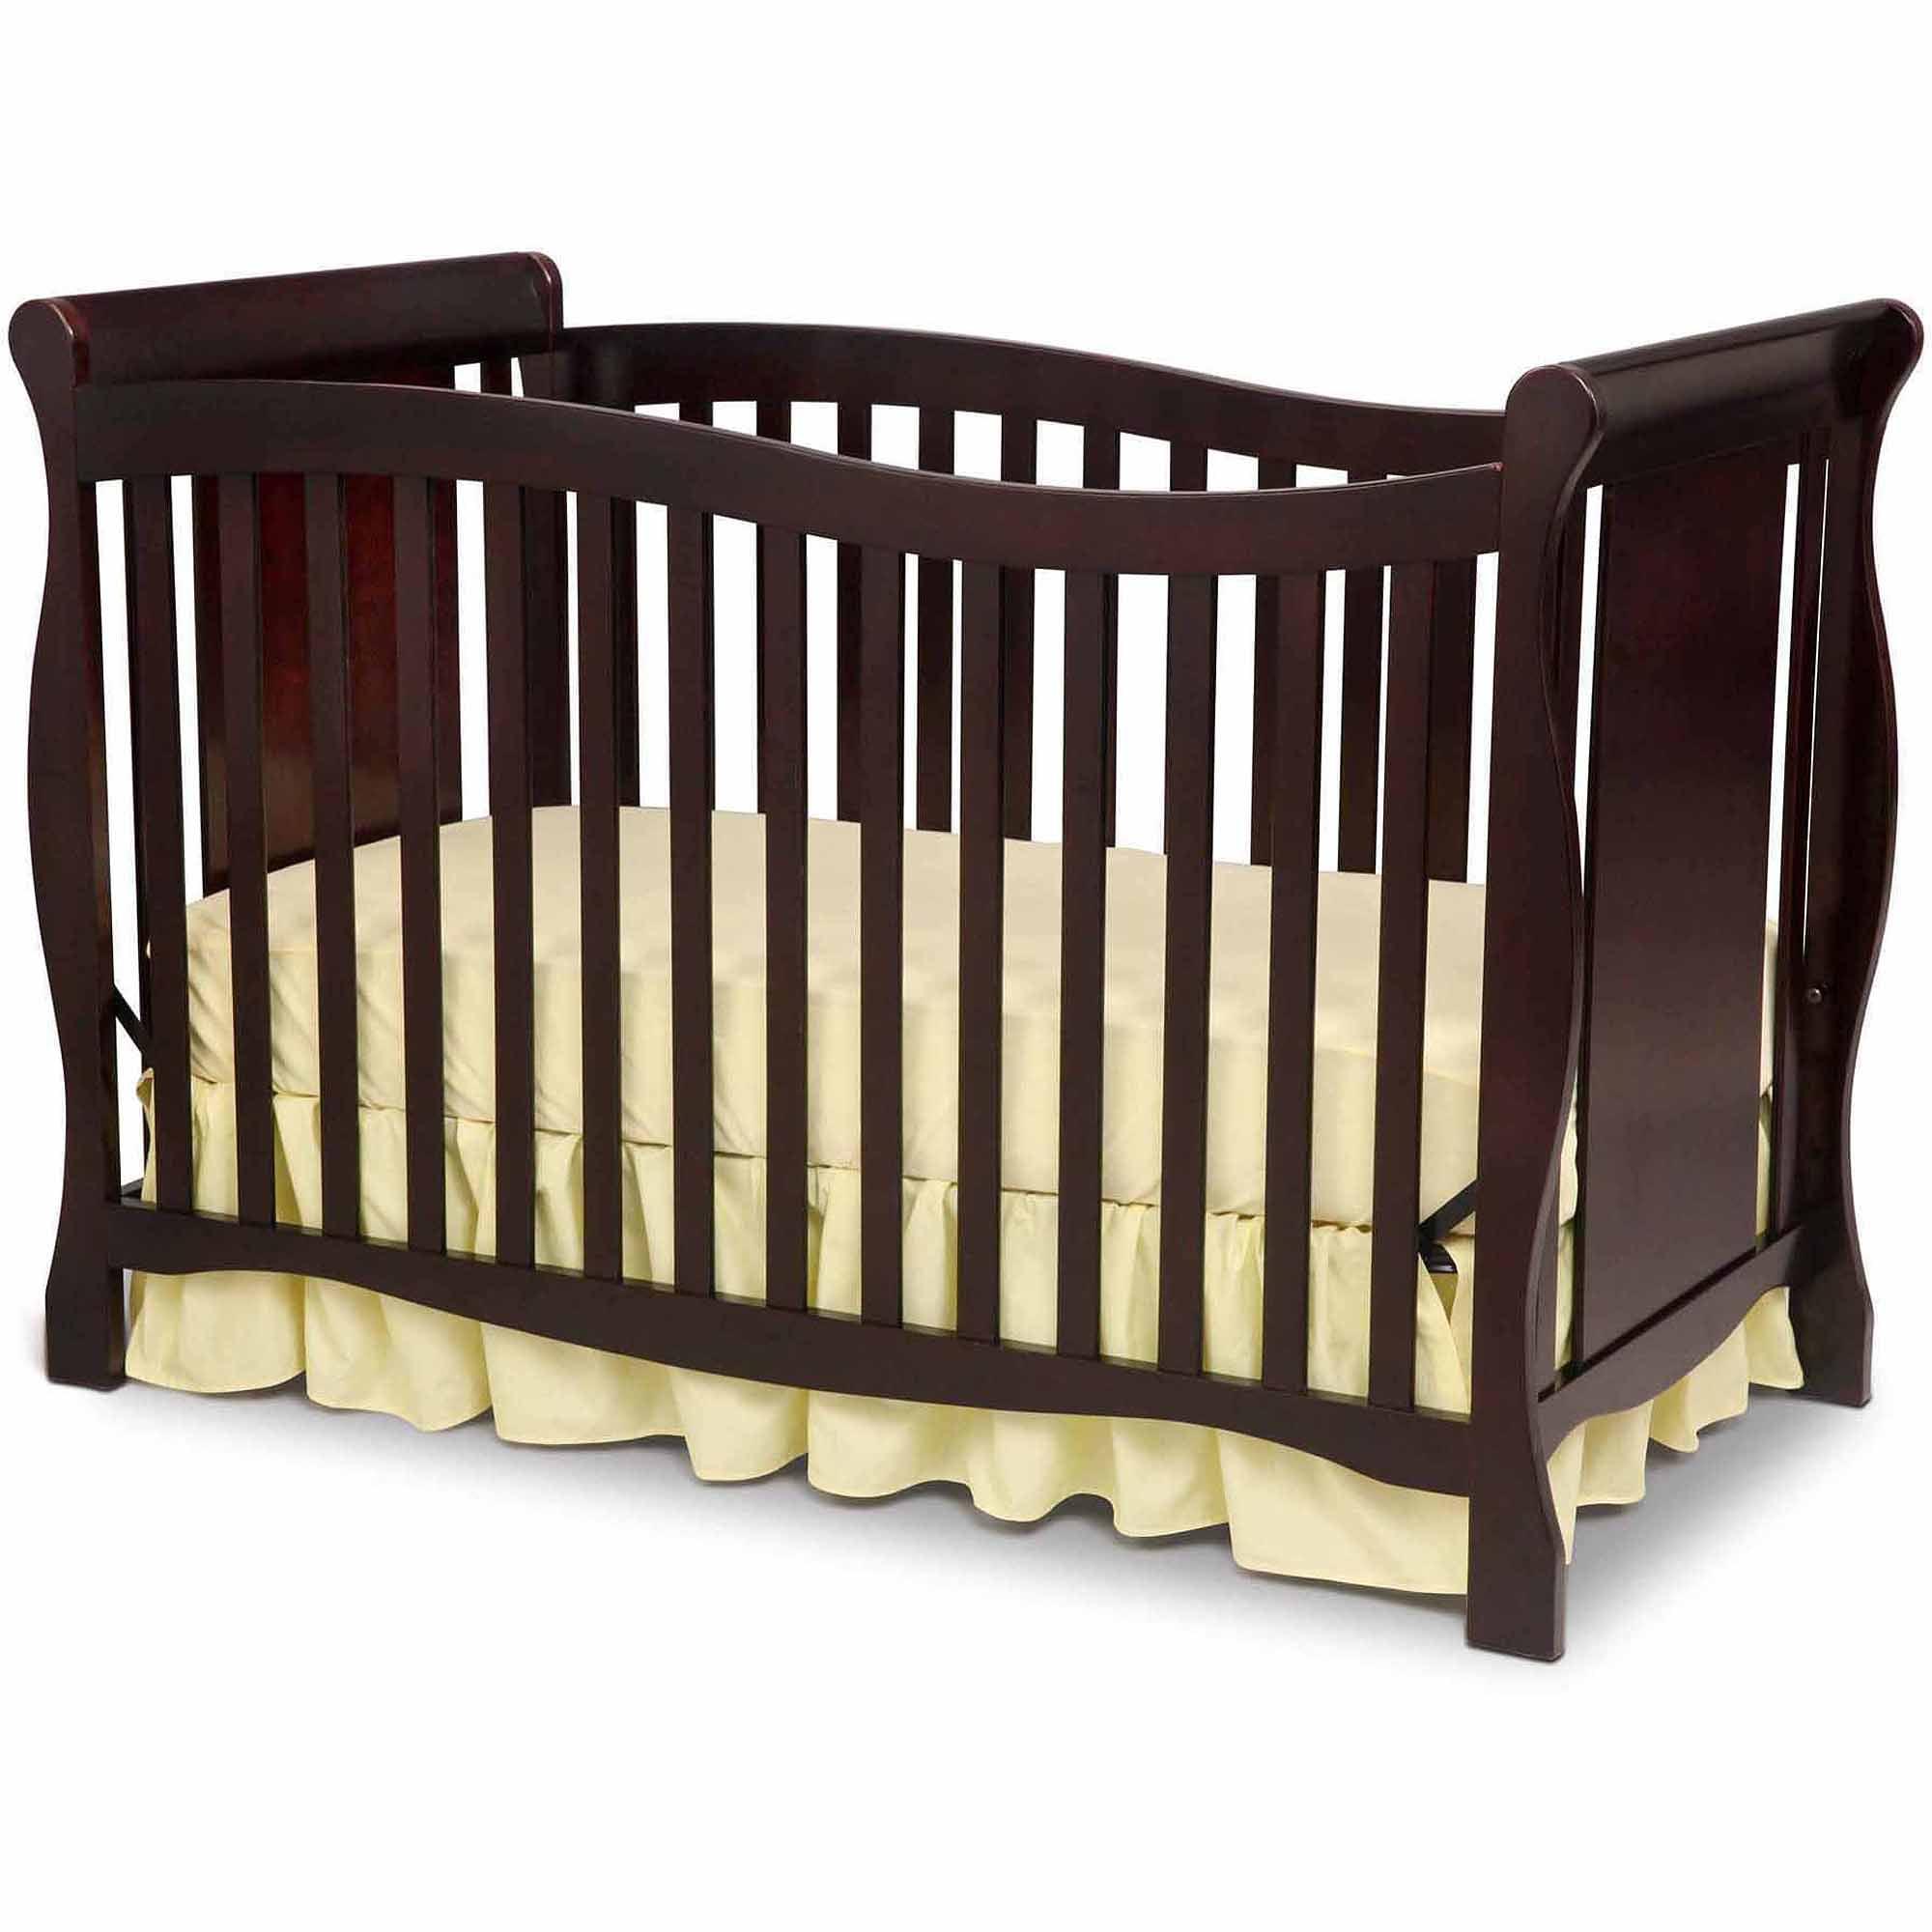 Delta Children Brookside 4 in 1 Convertible Crib Dark Chocolate